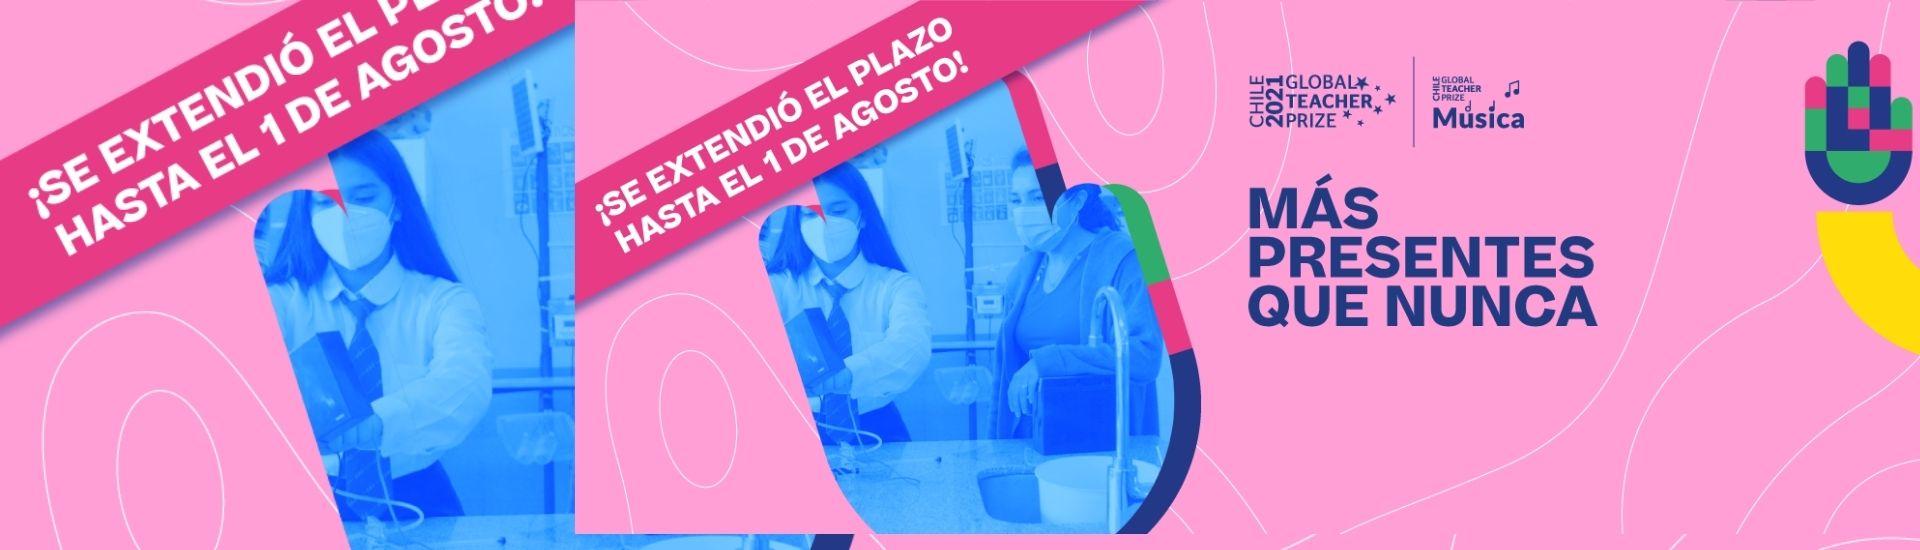 Imagen que tiene la frase más presente que nunca, junto a una imagen de Militza Saavedra trabajando en una sala de clases junto a una alumna